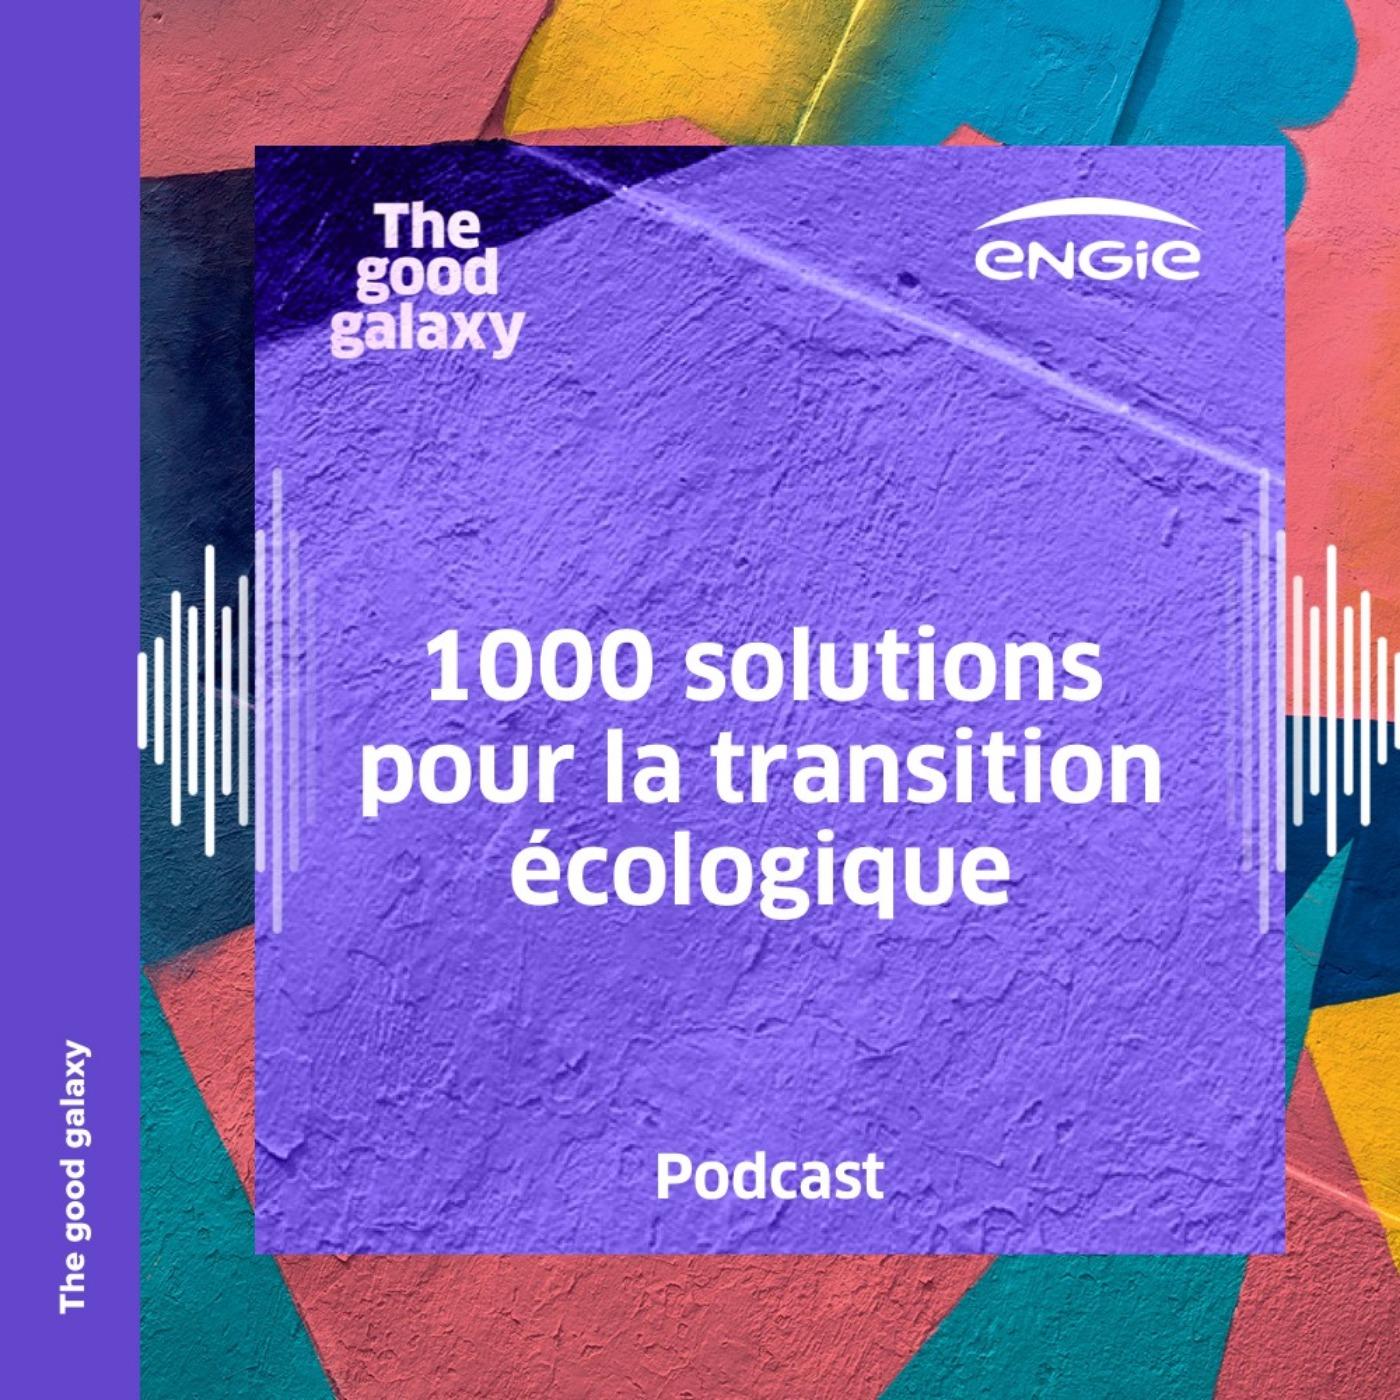 1000 solutions pour la transition écologique